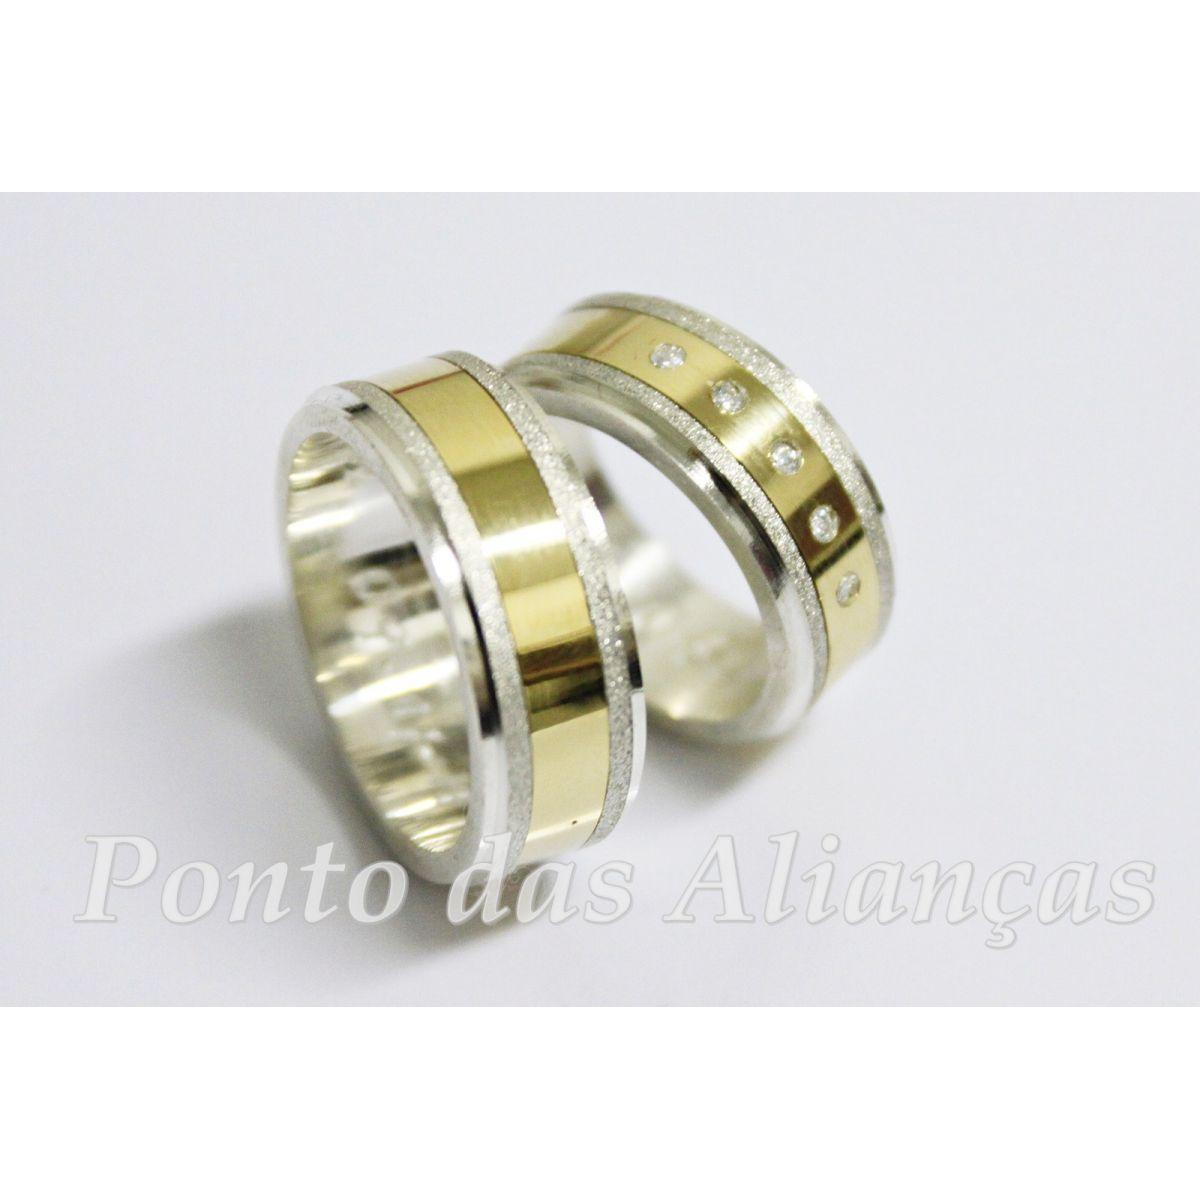 Alianças de Ouro e Prata Casamento ou Noivado 3027